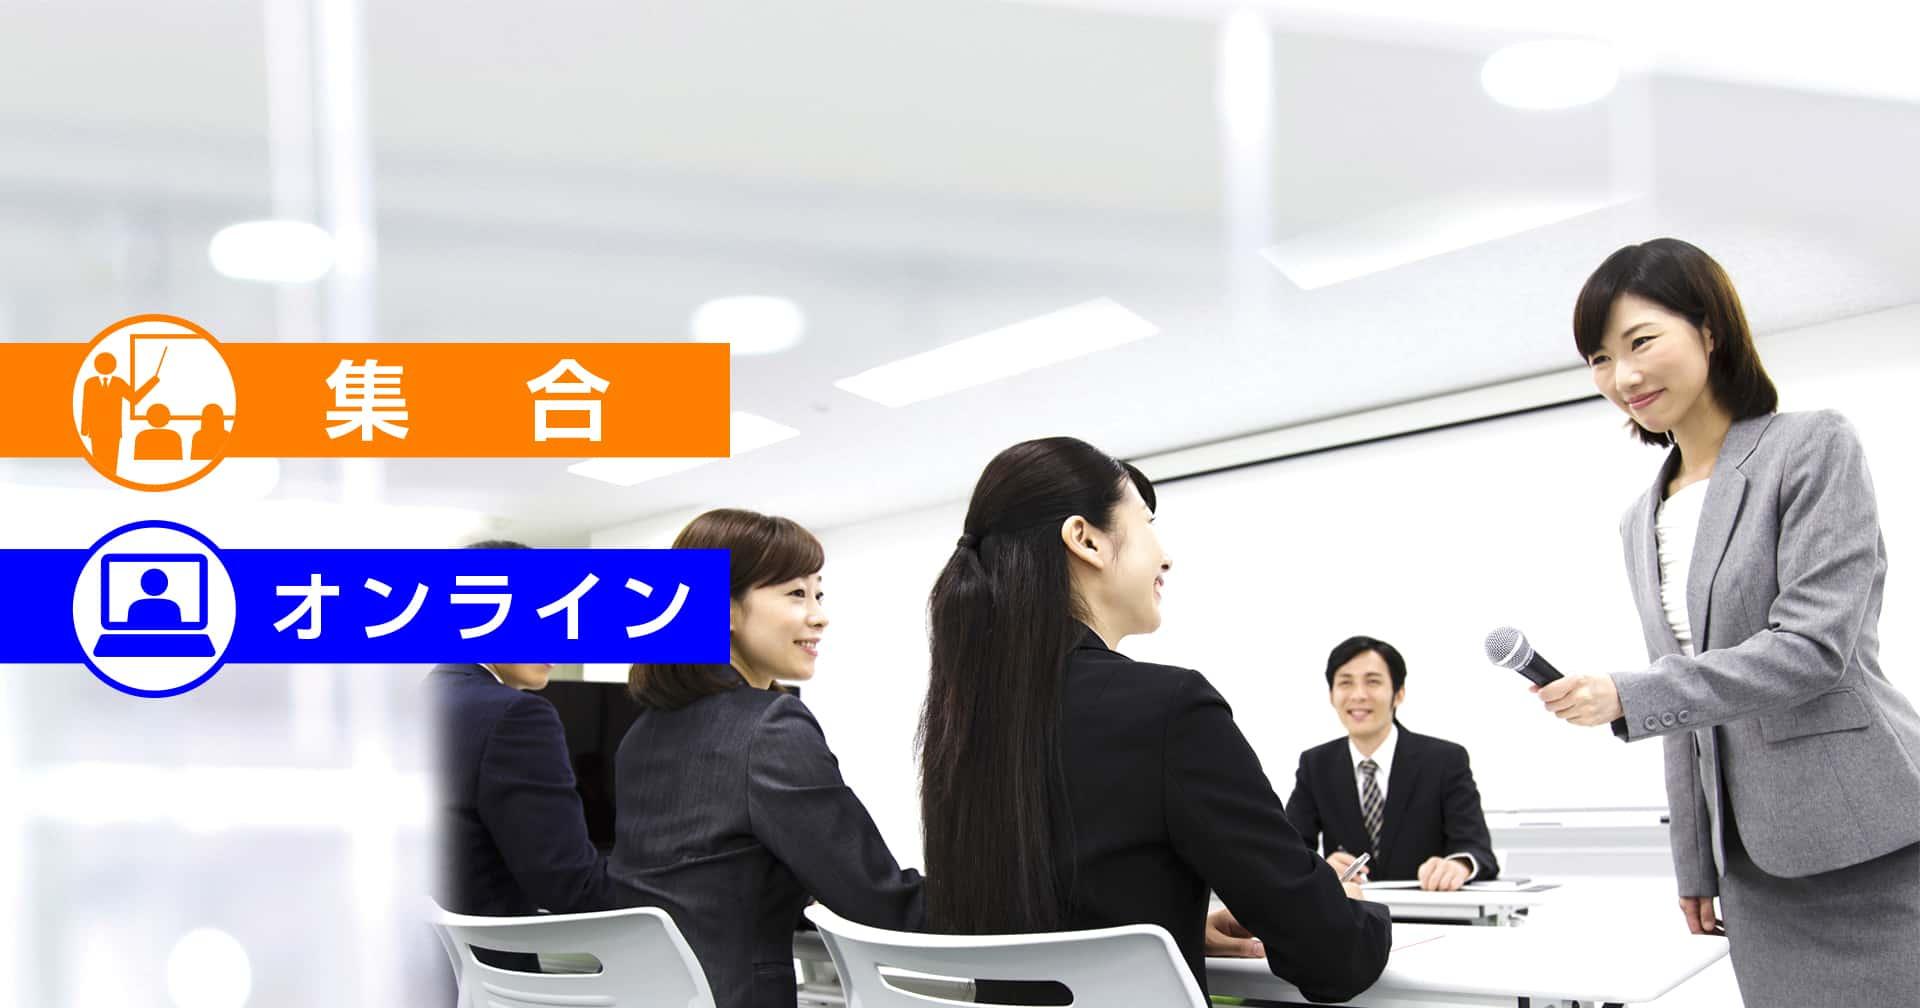 【集合研修】研修インストラクター養成講座(基本プログラム)